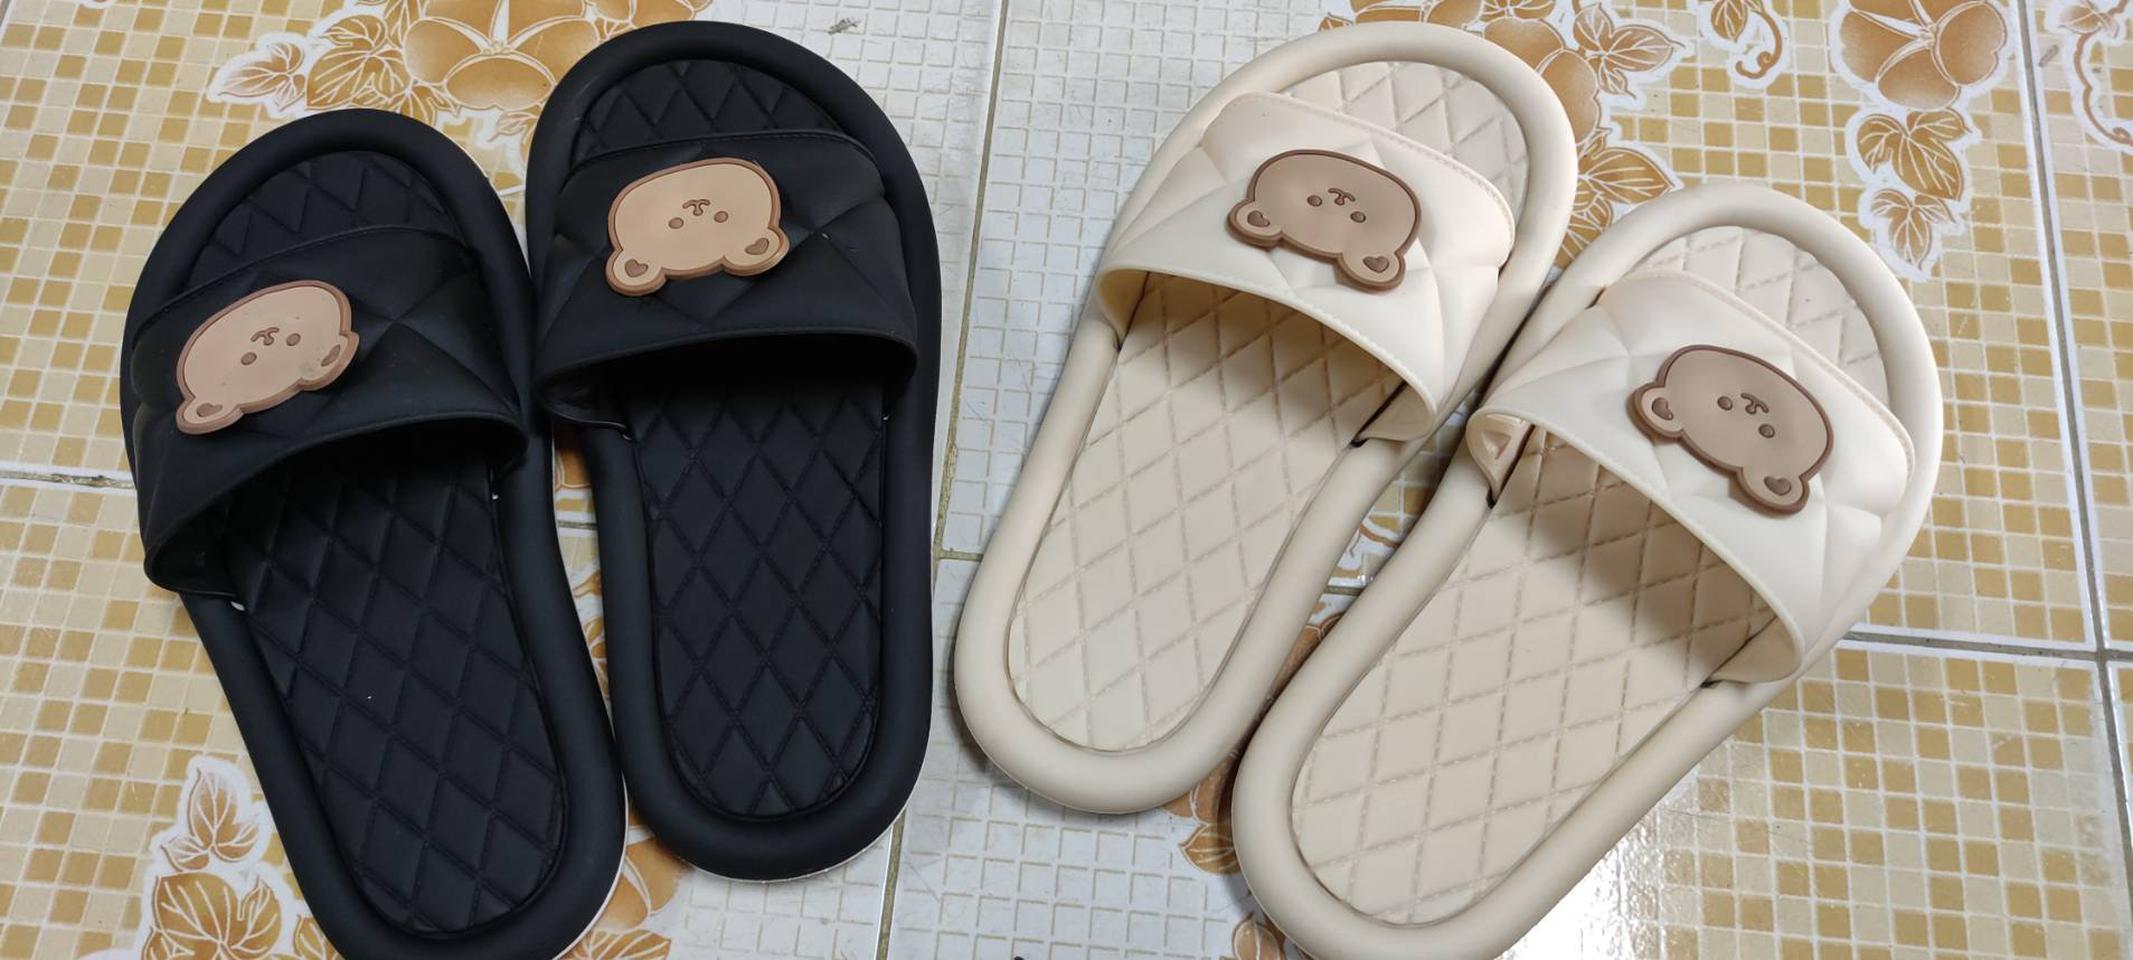 รองเท้าแตะน้องหมี ใส่สบาย รูปที่ 2